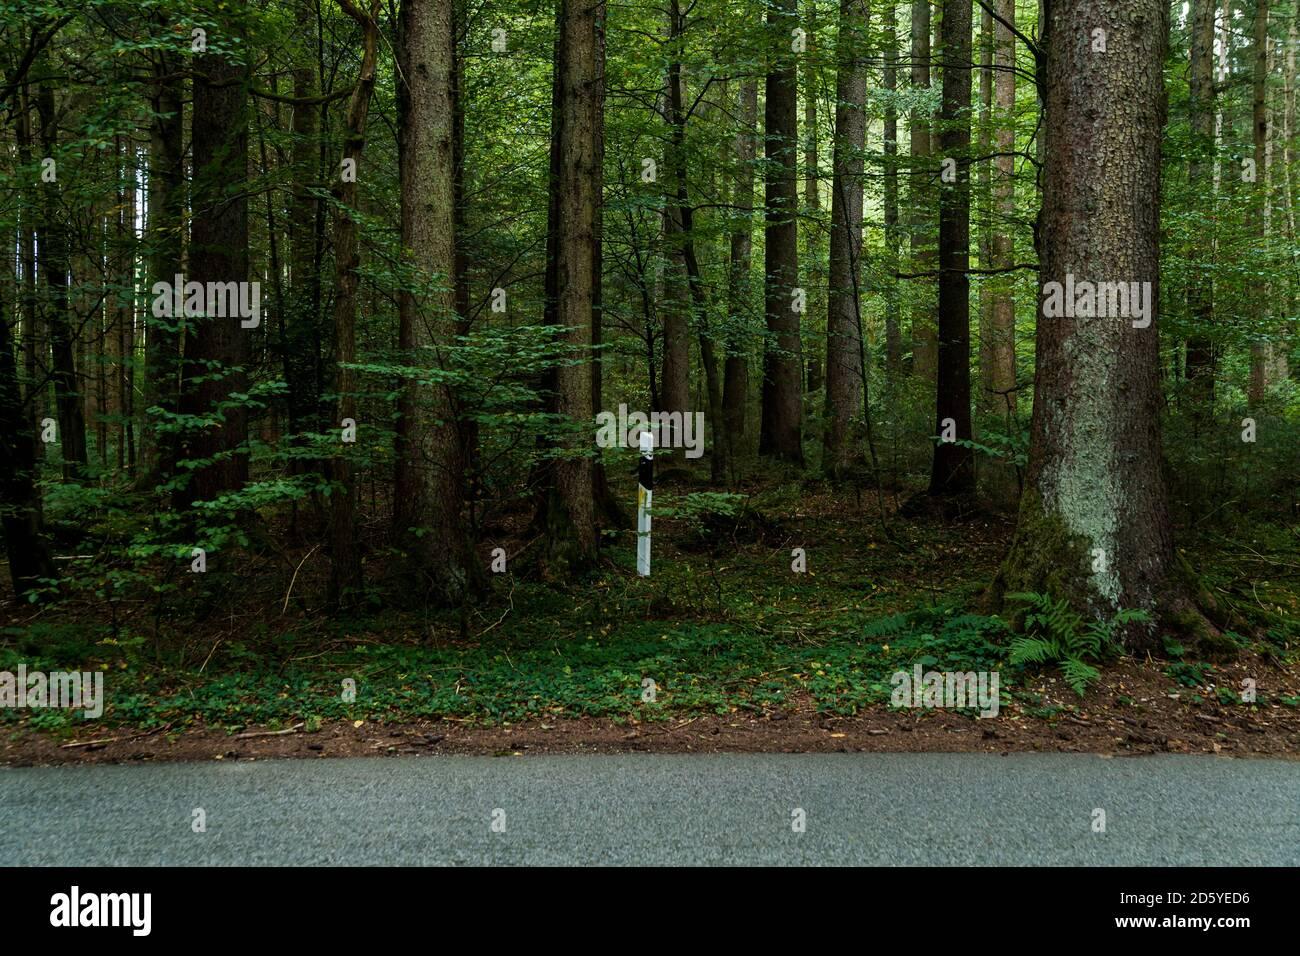 Alemania, Baviera, inútil puesto de marcador en el bosque por país por carretera Foto de stock